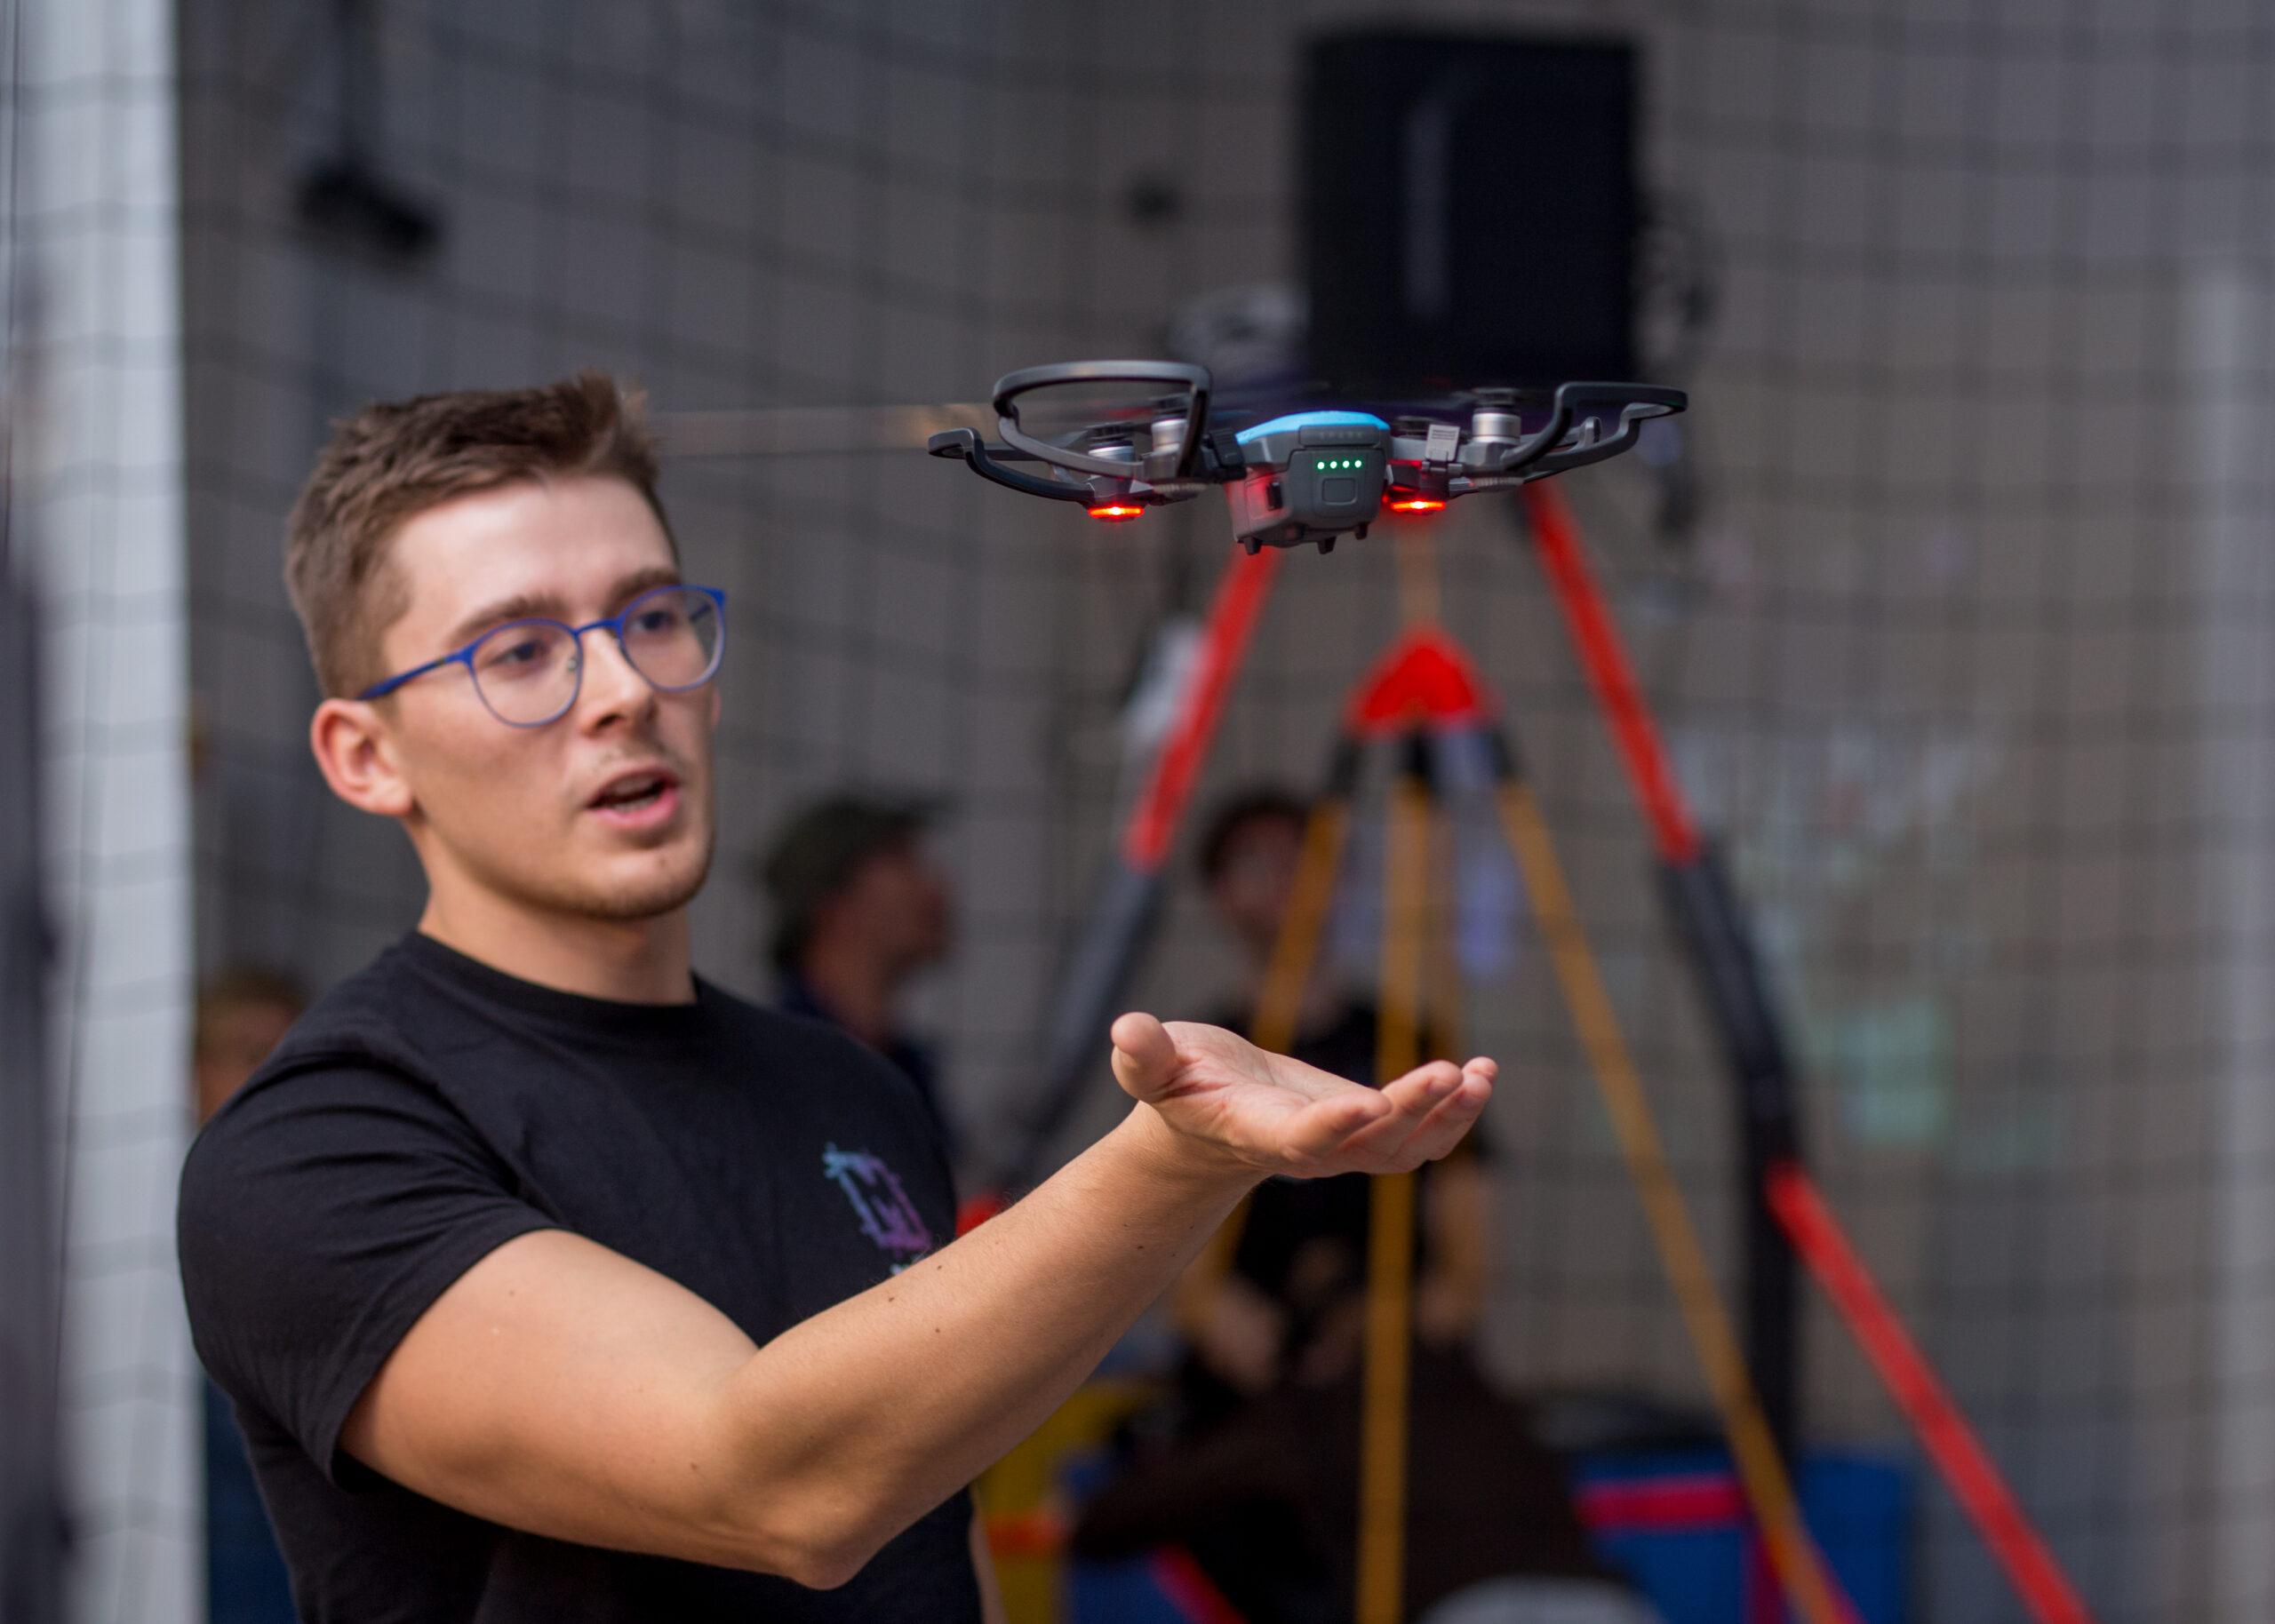 wystawa robotów Robopark Szczecin